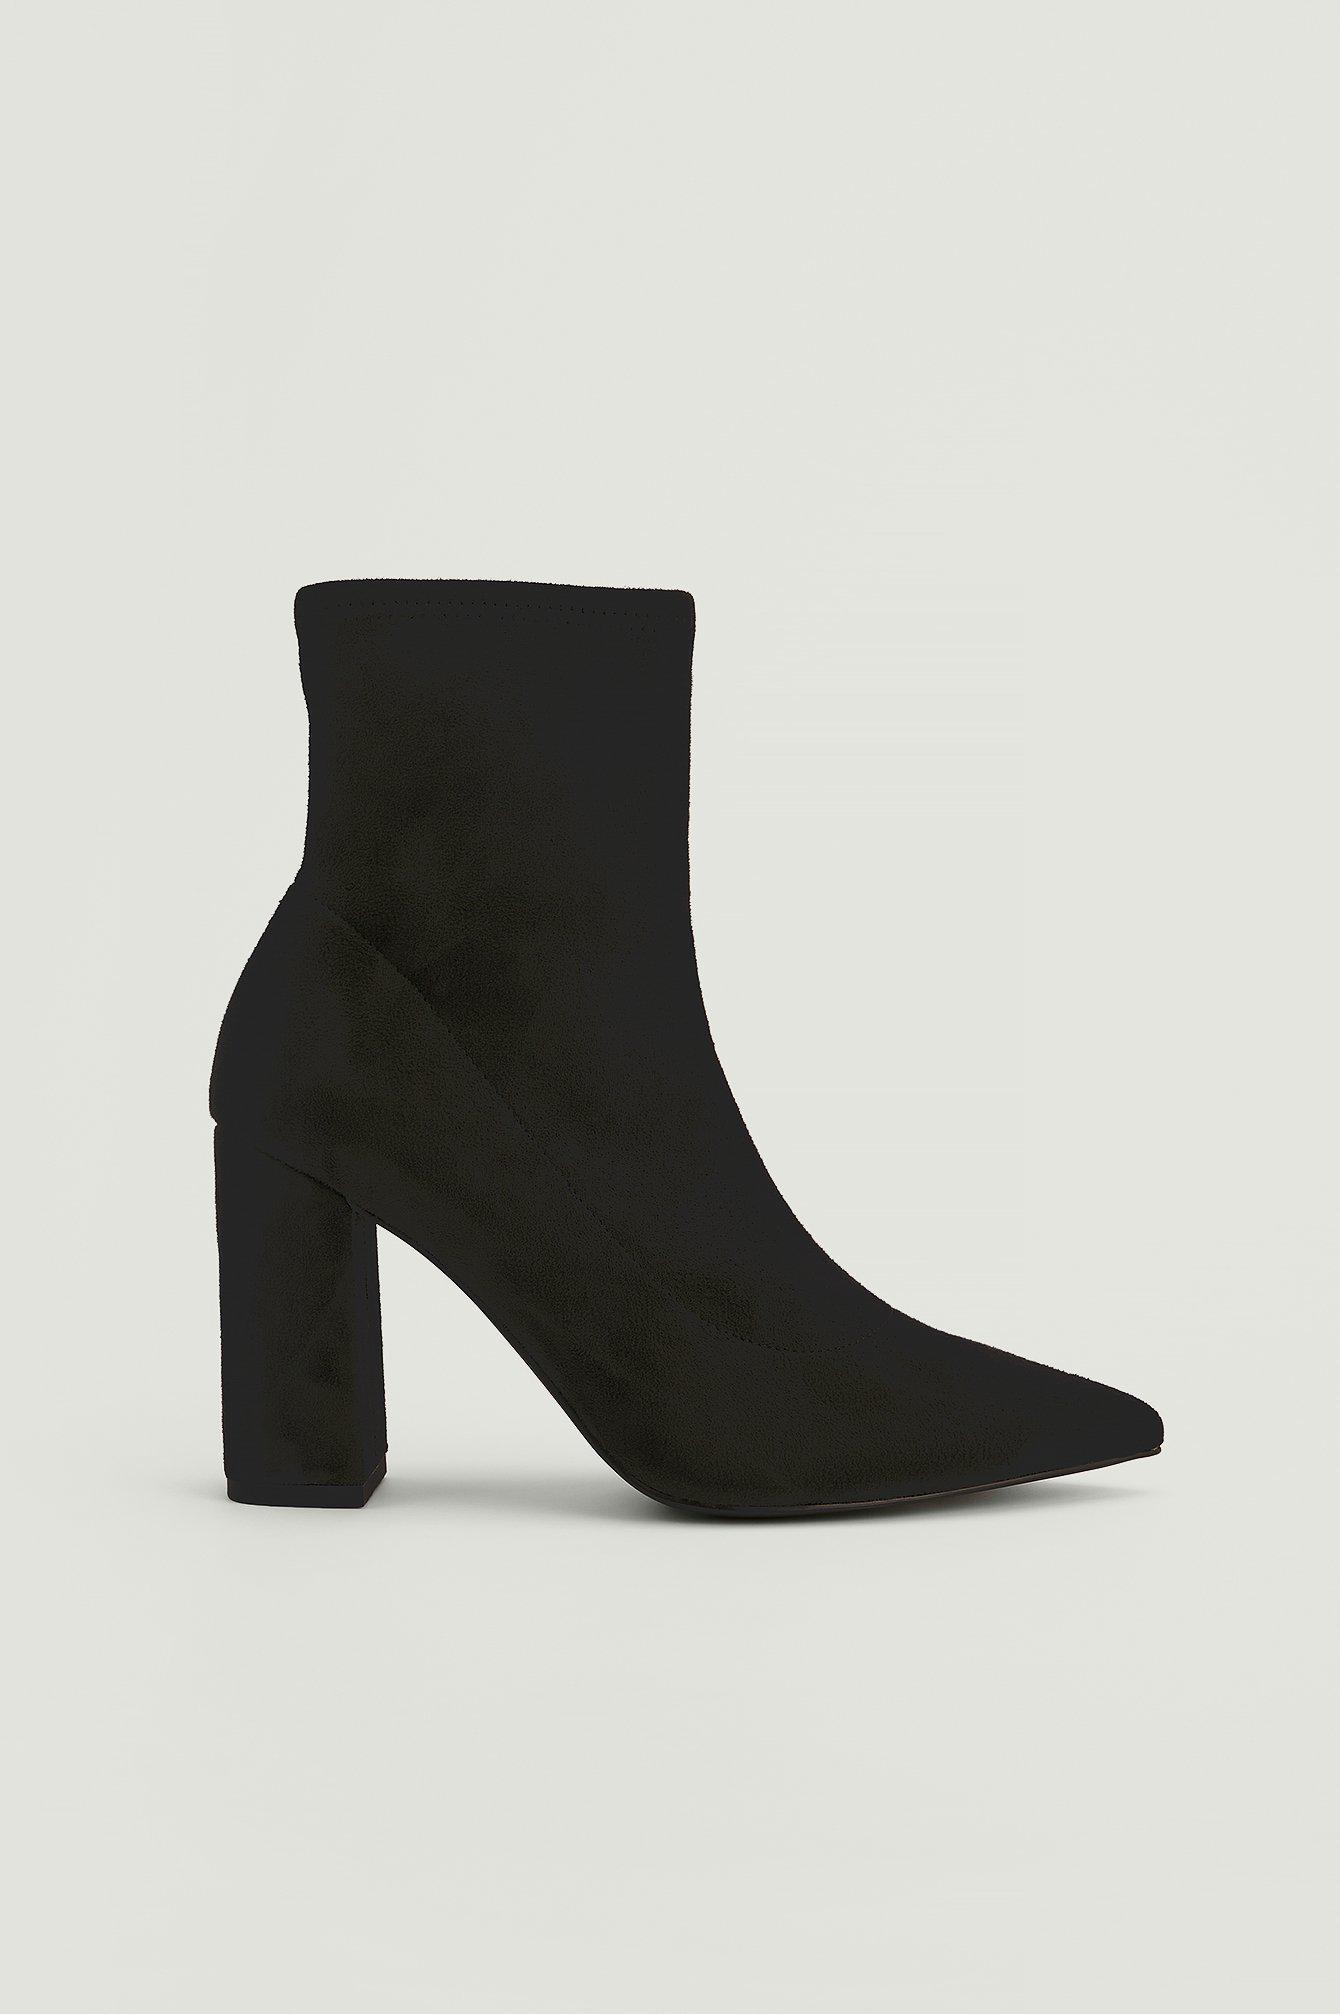 NA-KD Shoes Støvler I Genanvendt Materiale I Imiteret Ruskind Og Med Blokhæl - Black